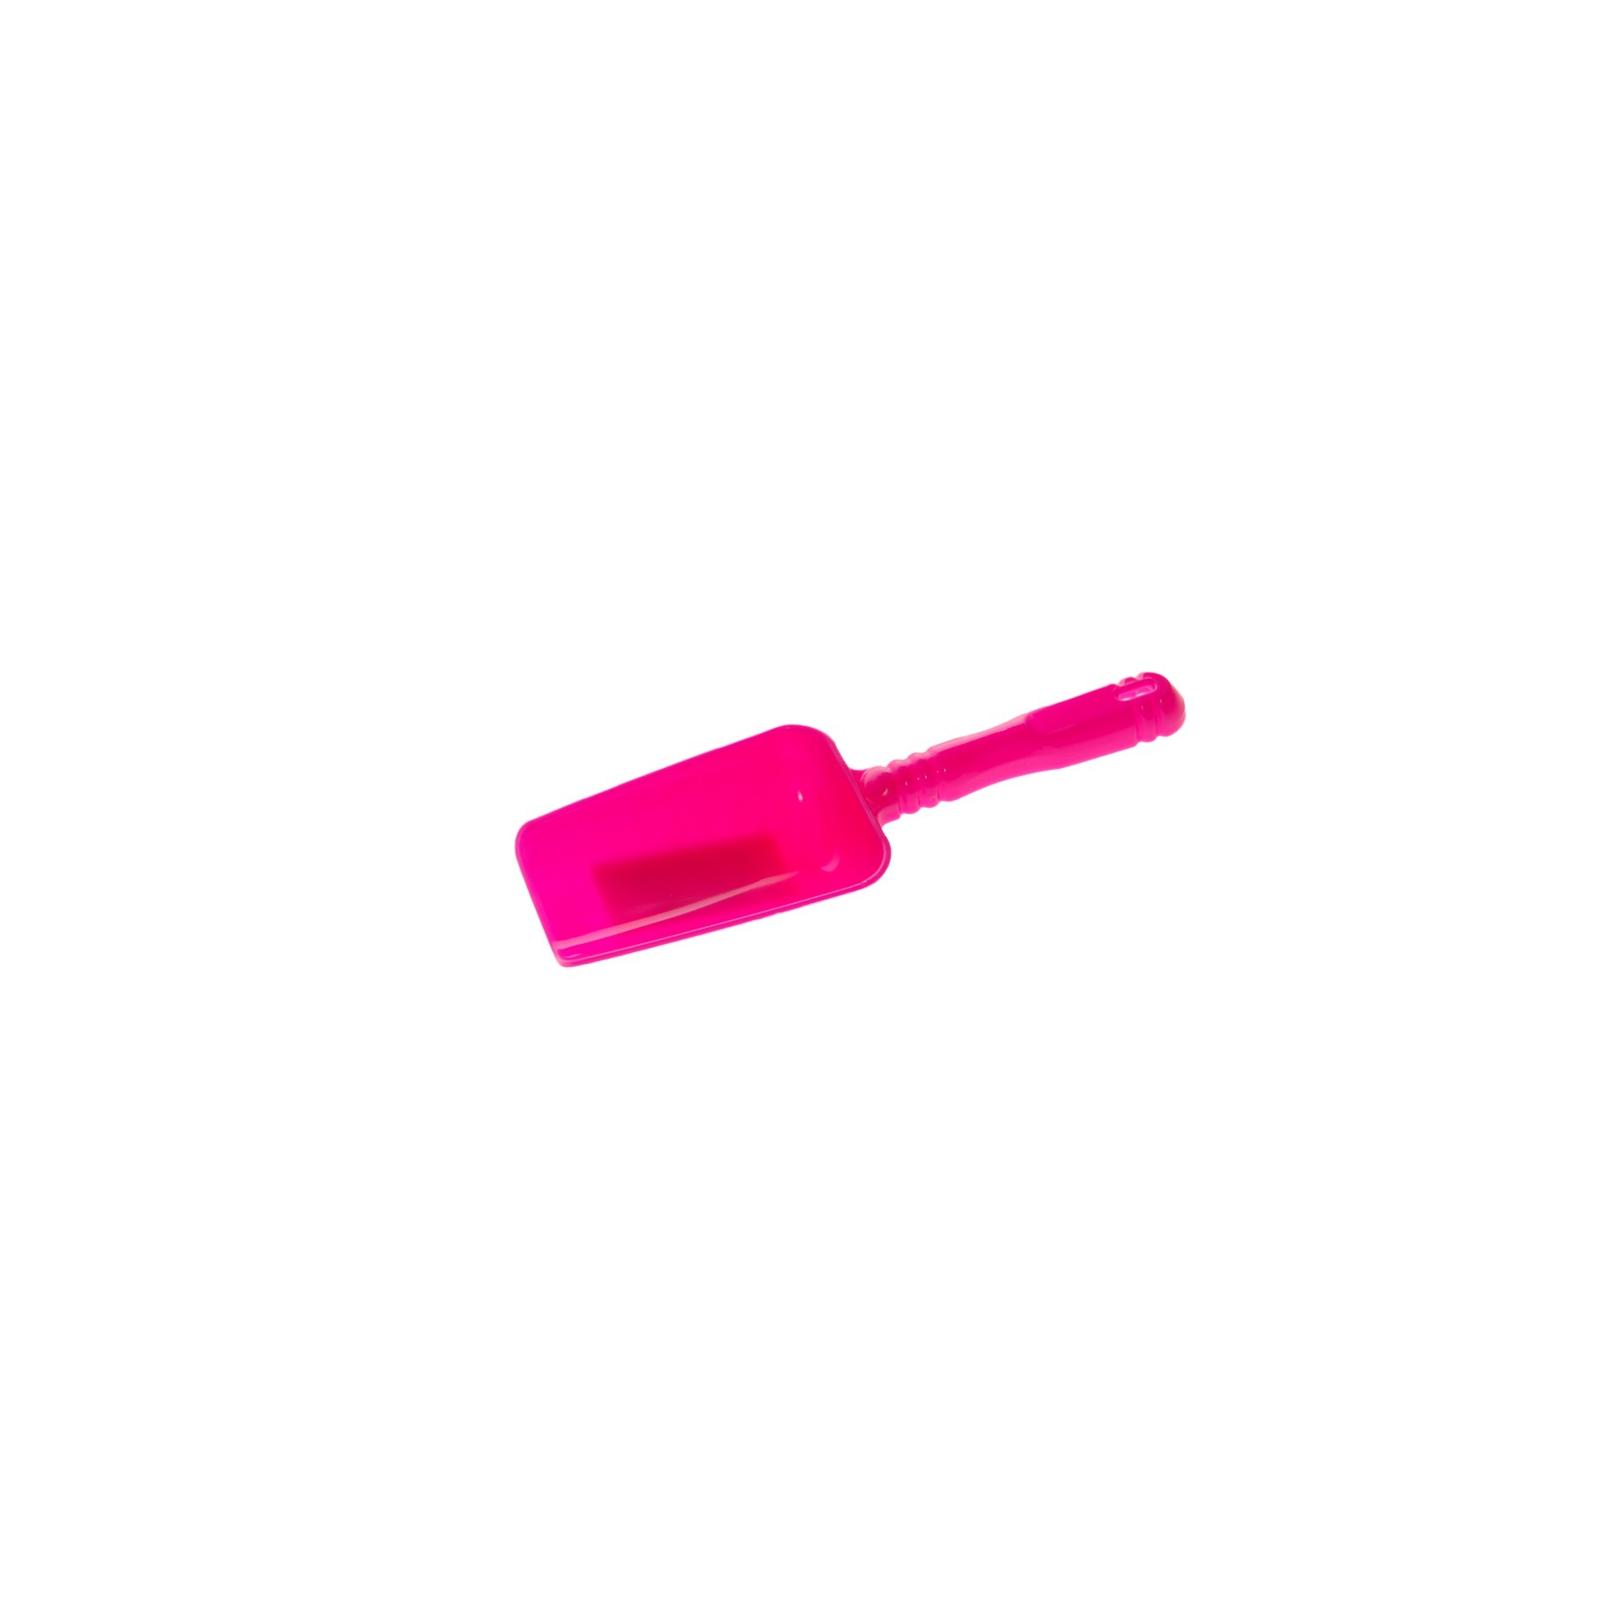 Песочный набор Нордпласт Совочек Розовый